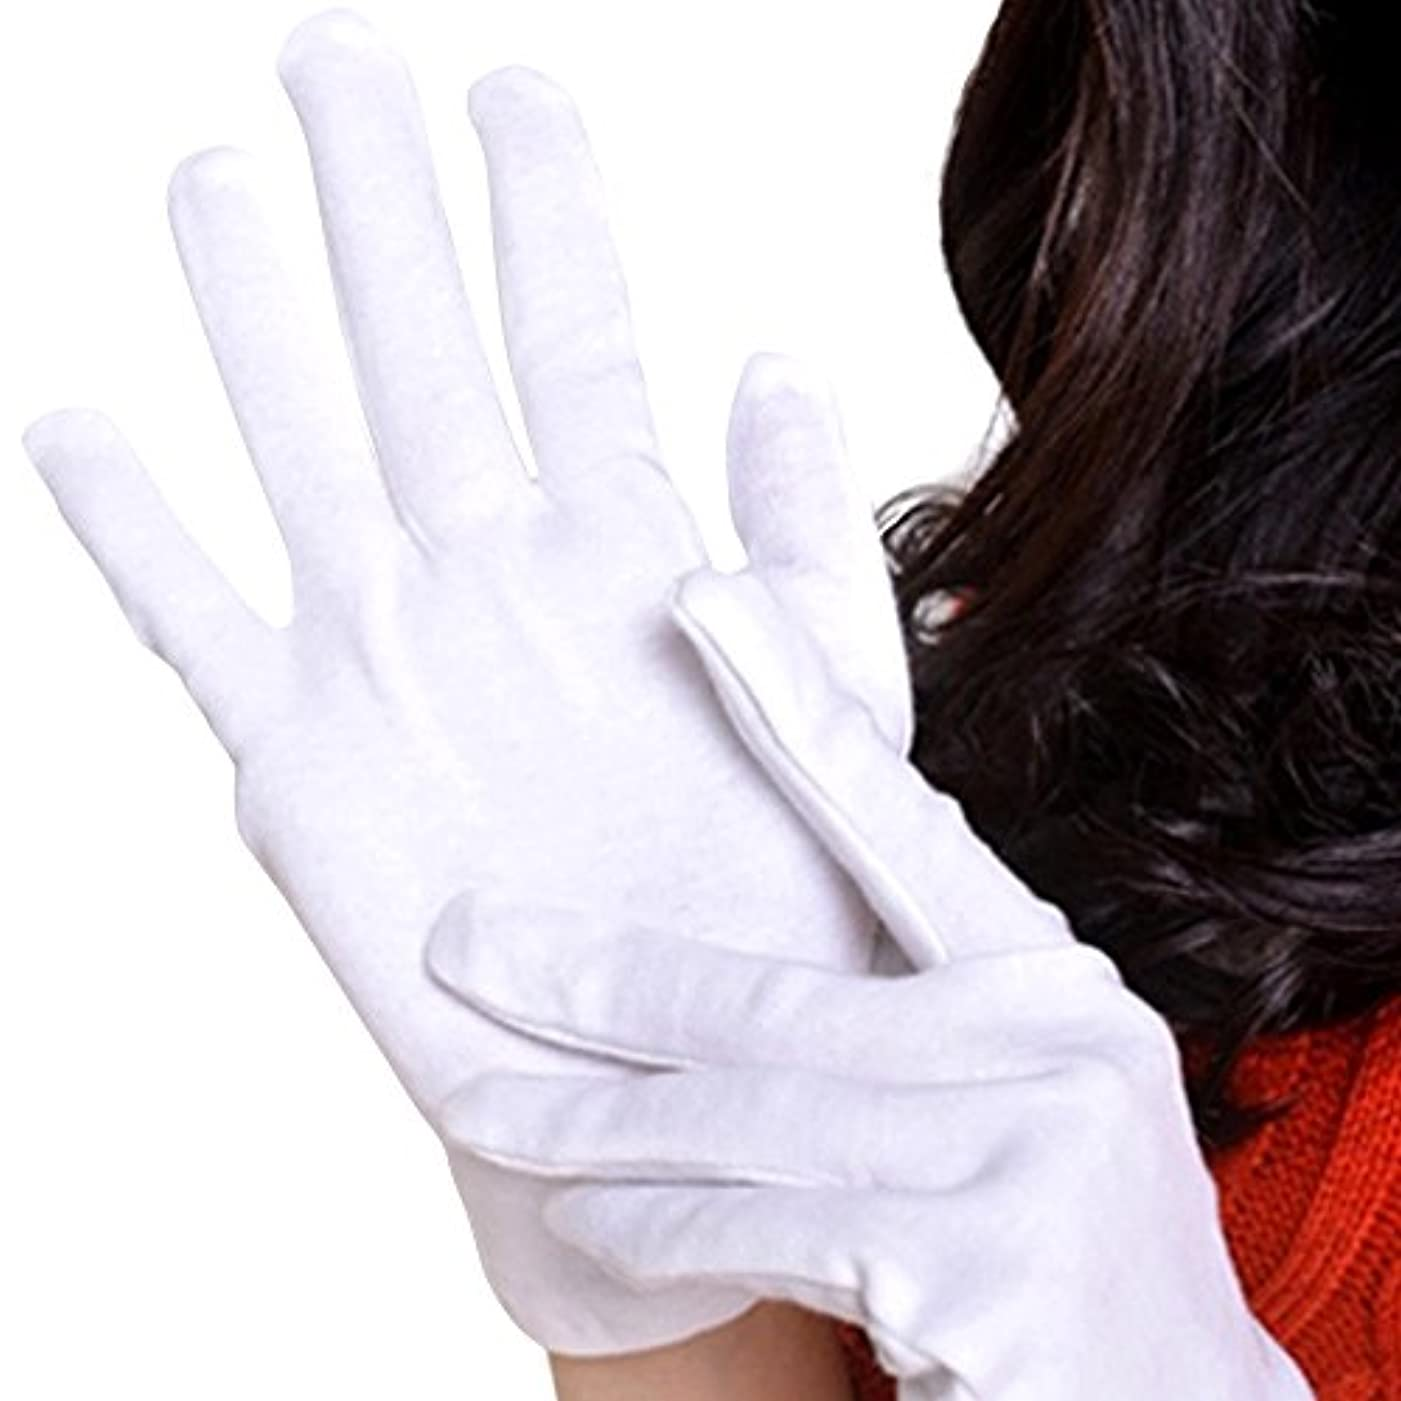 見出し革命怒り【Lucky Style】 おやすみ 手袋 綿 コットン 100% 12双組 LL サイズ 白